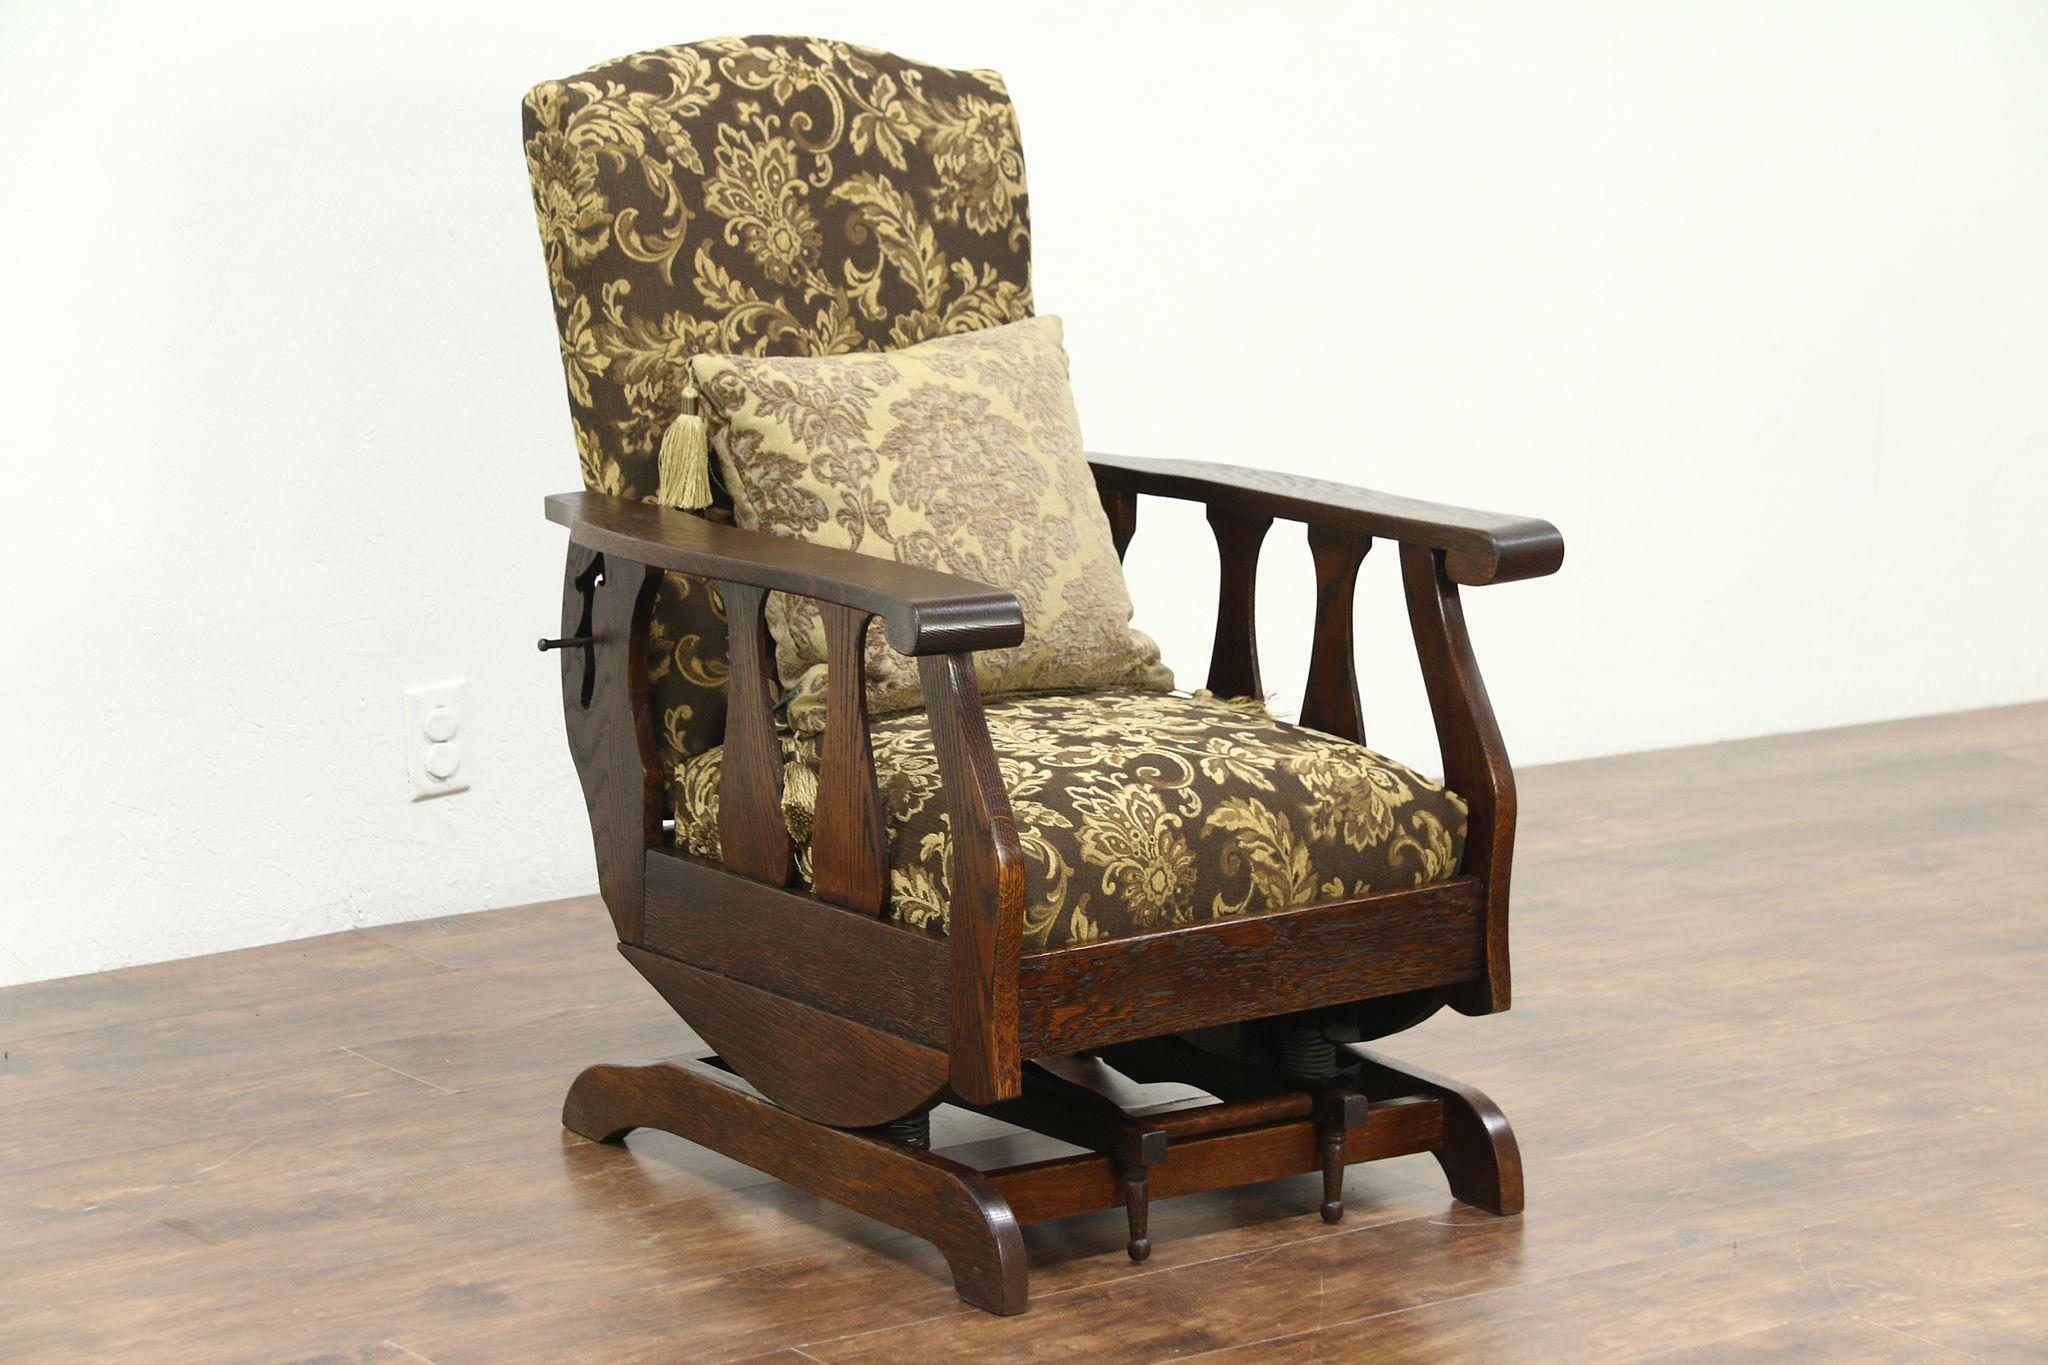 Merveilleux Oak Antique Morris Chair Recliner Platform Rocker U0026 Footstool, New  Upholstery